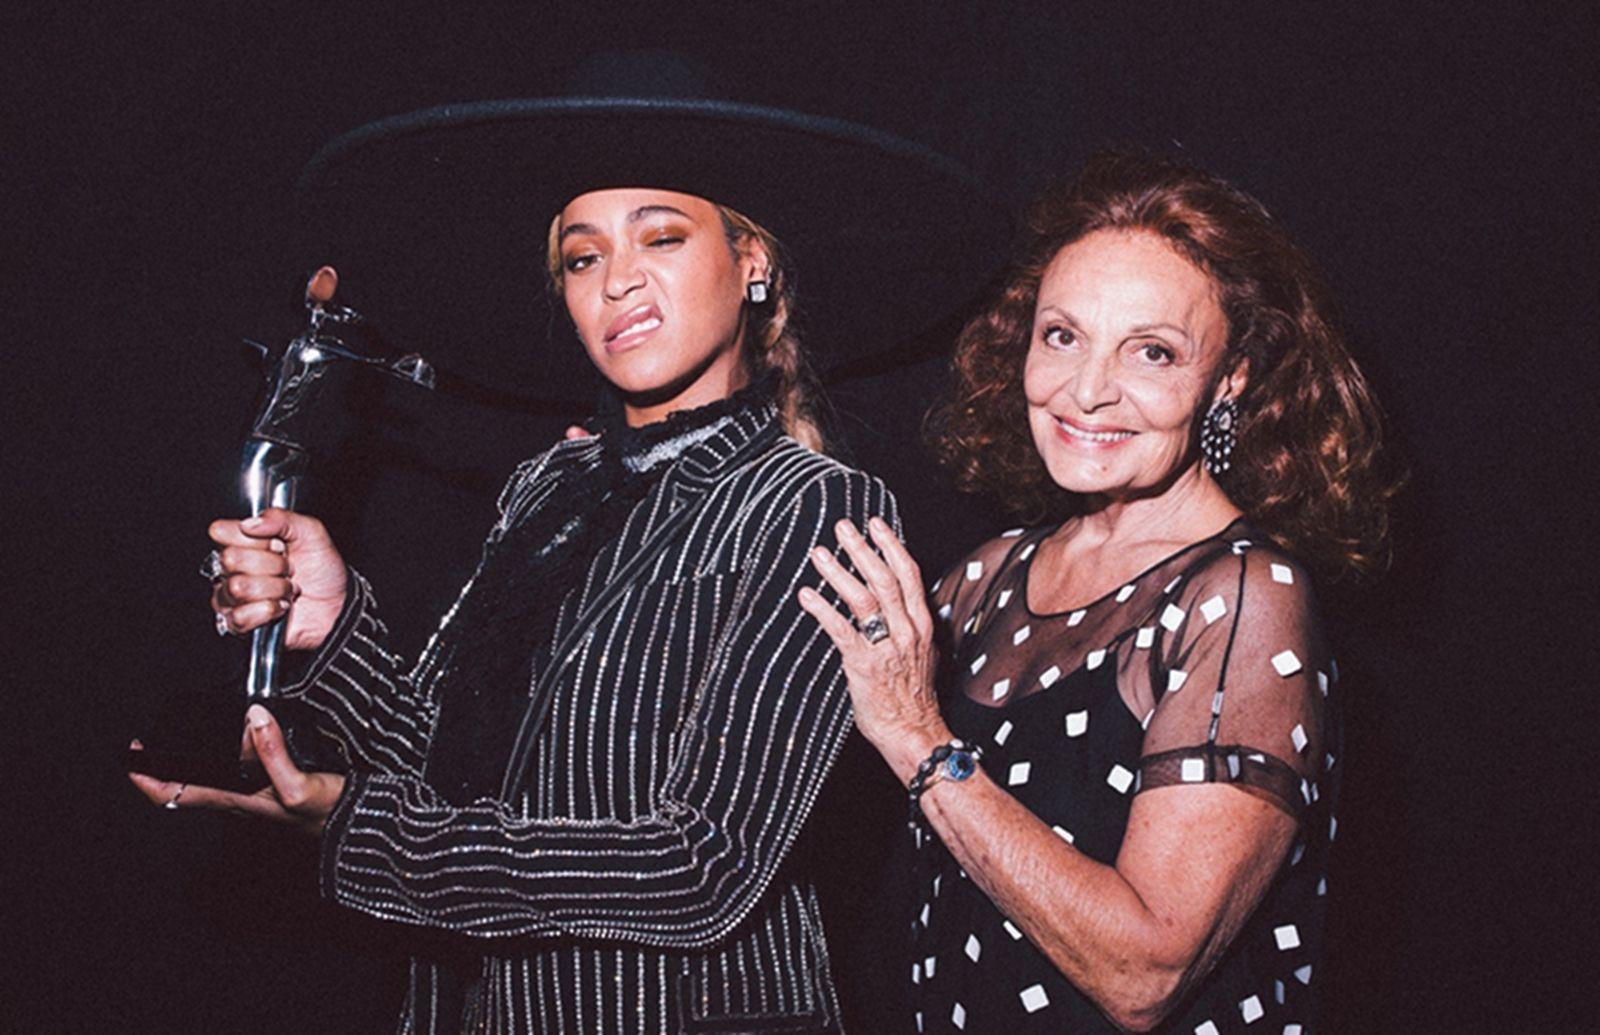 """La cantante recibe el premio de manos de la diseñadora Diane Von Fusterberg en medio de los rumores de infidelidad por Jay-Z Beyoncé se hizo ganadora de el premio """"Icono de la Moda"""" que concede anualmente el Council of Fashion Designers of America. La cantante texana asistió con su marido, Jay-Z, su hija Blue Ivy, […]"""